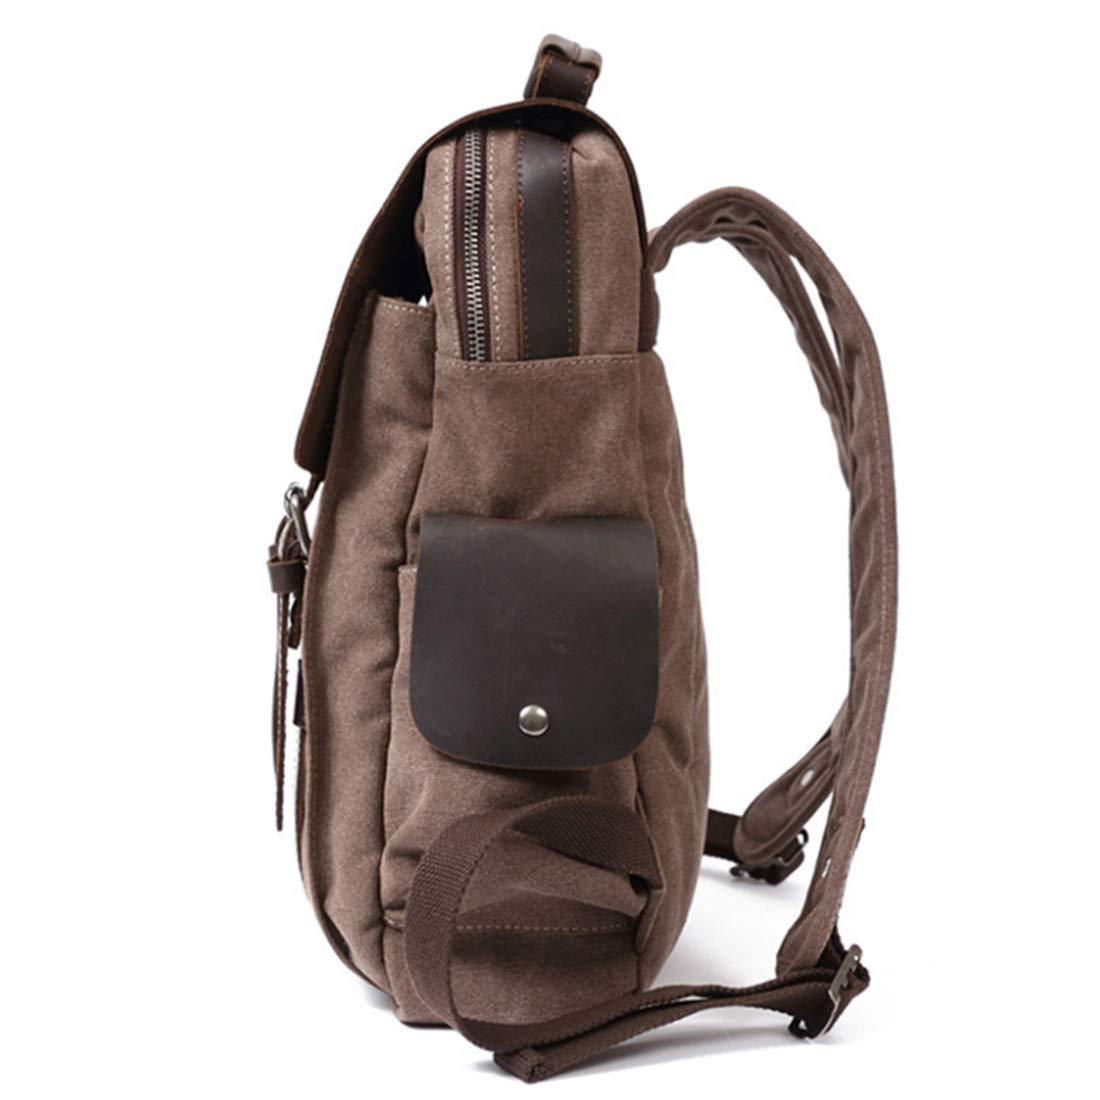 Ryggsäck retro college vind ryggsäck kanvas väska stor axel dator ryggsäck för kvinnor (färg: Sjögrön) Kaffefärg